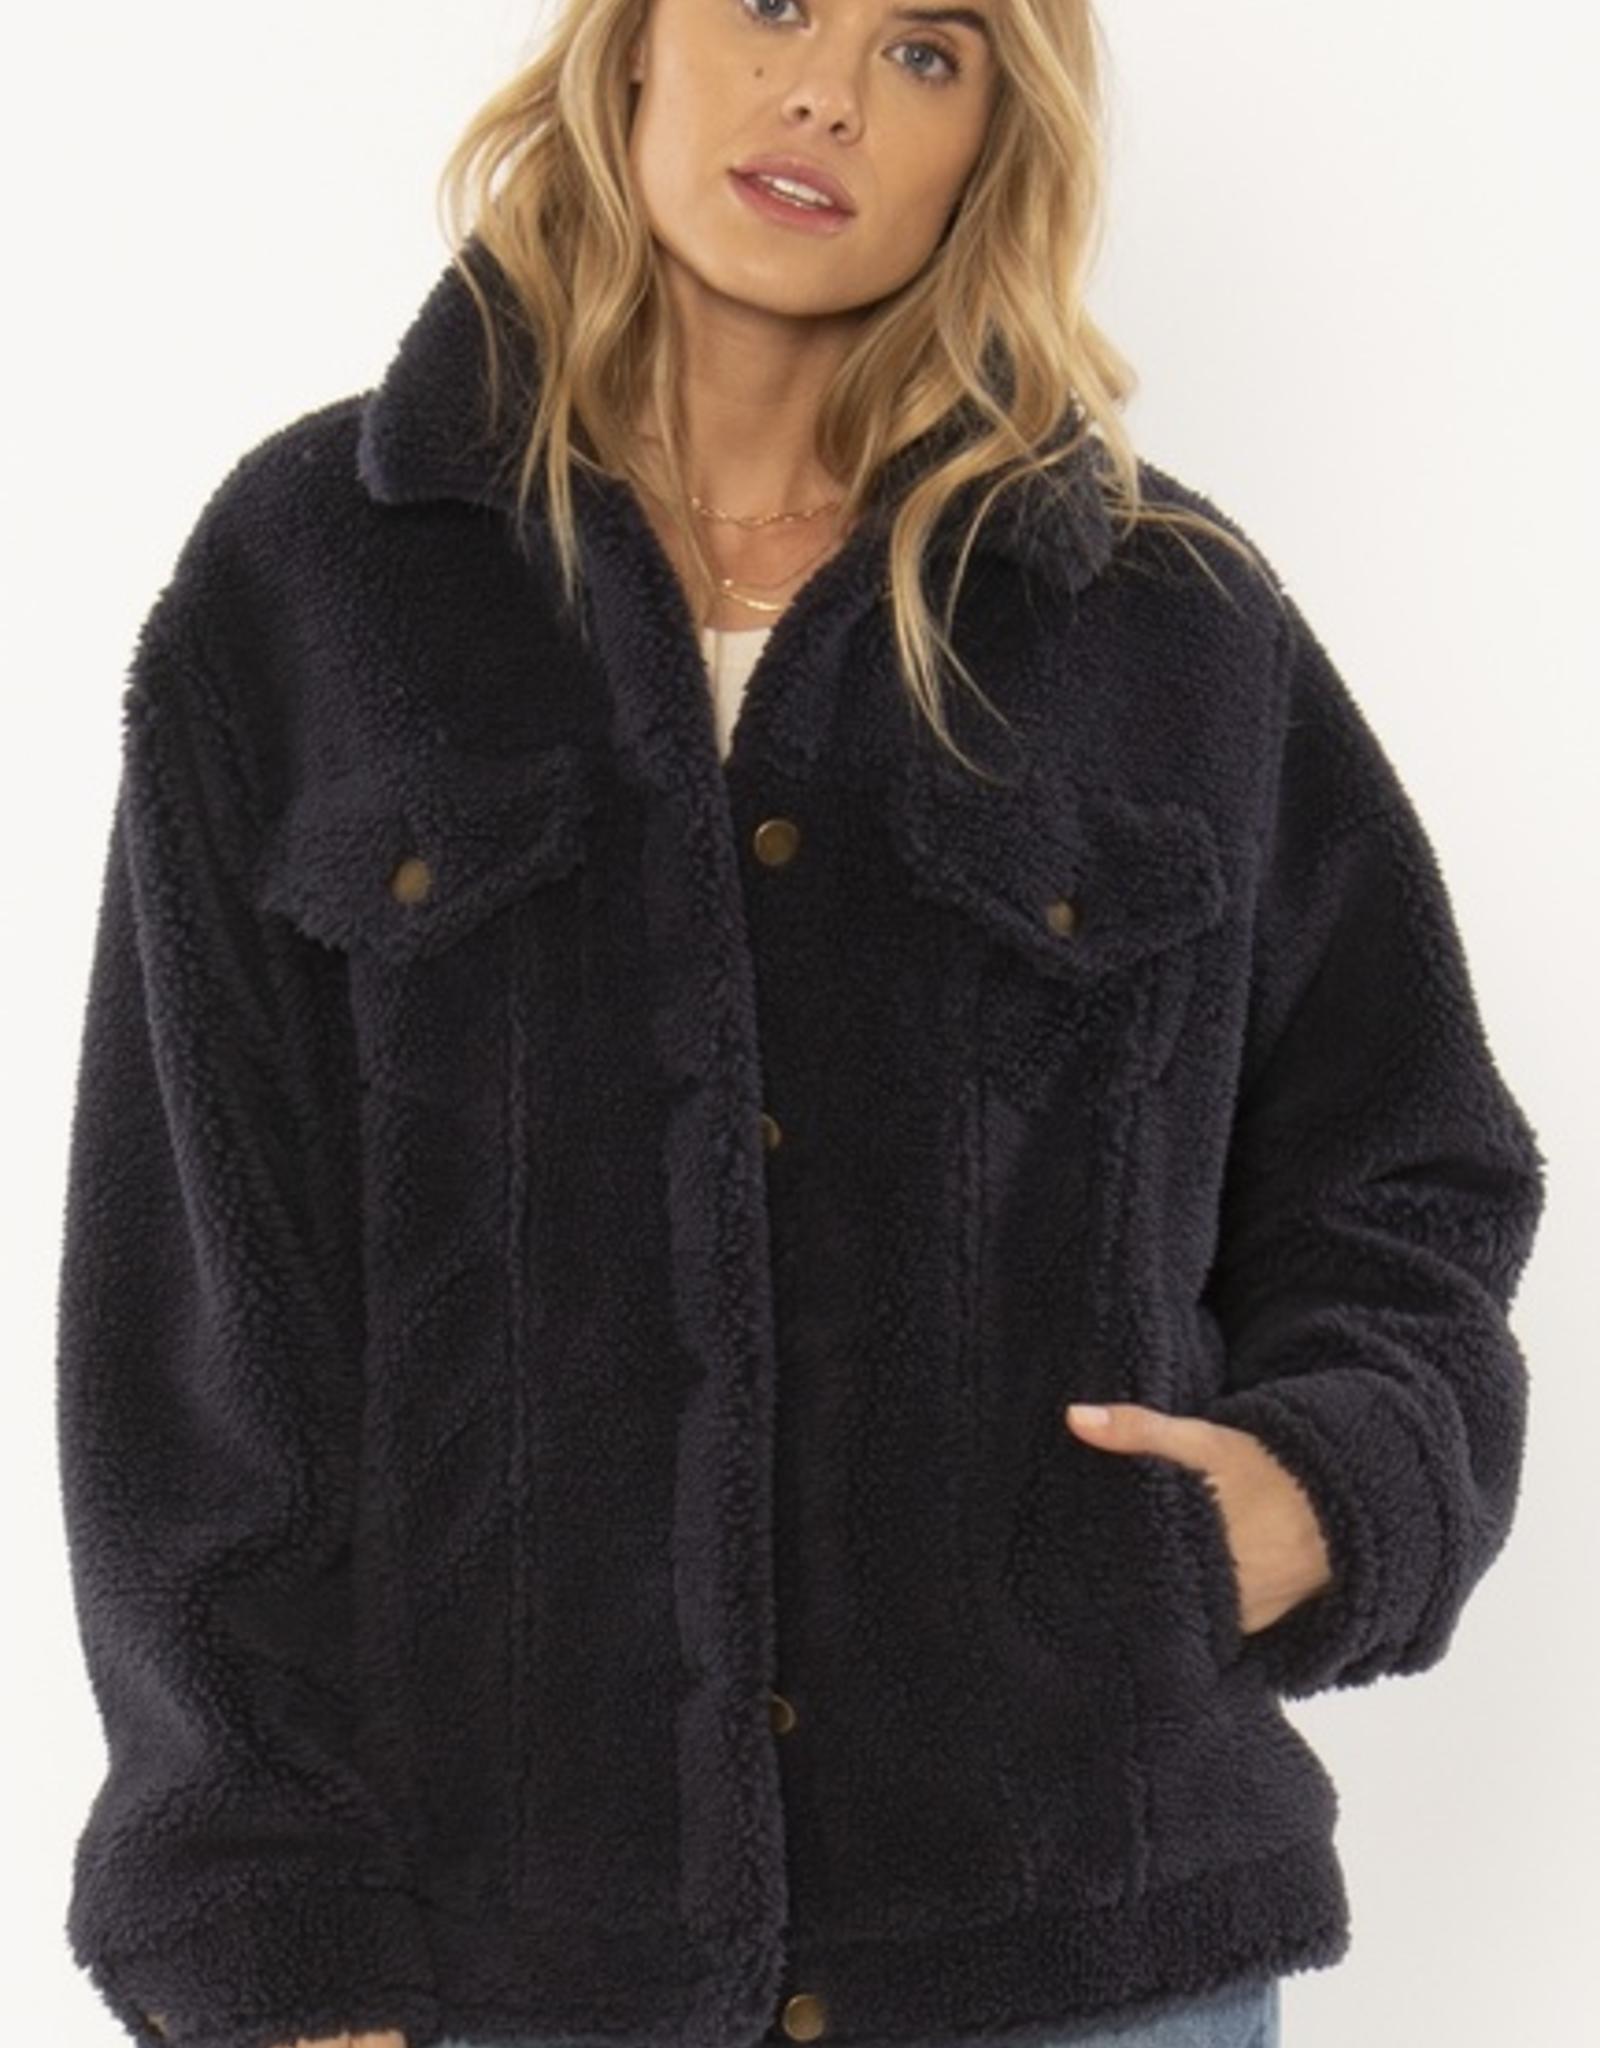 Amuse Shea Sherpa Jacket